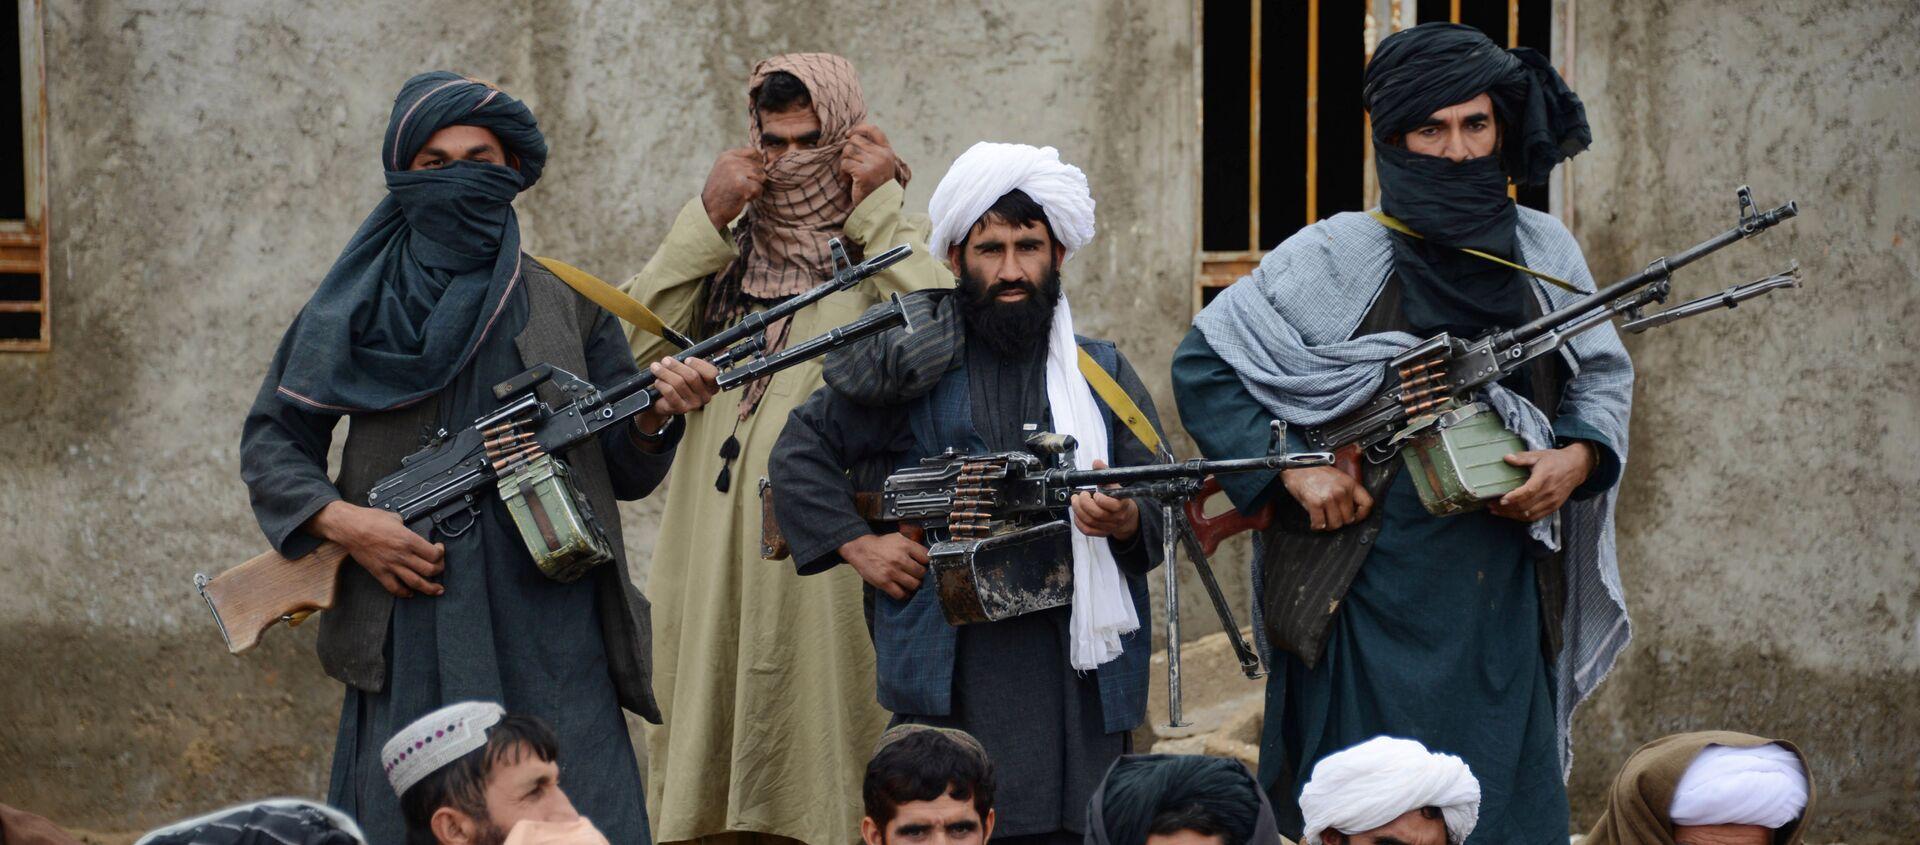 Lực lượng Taliban của Afghanistan.  - Sputnik Việt Nam, 1920, 09.07.2021